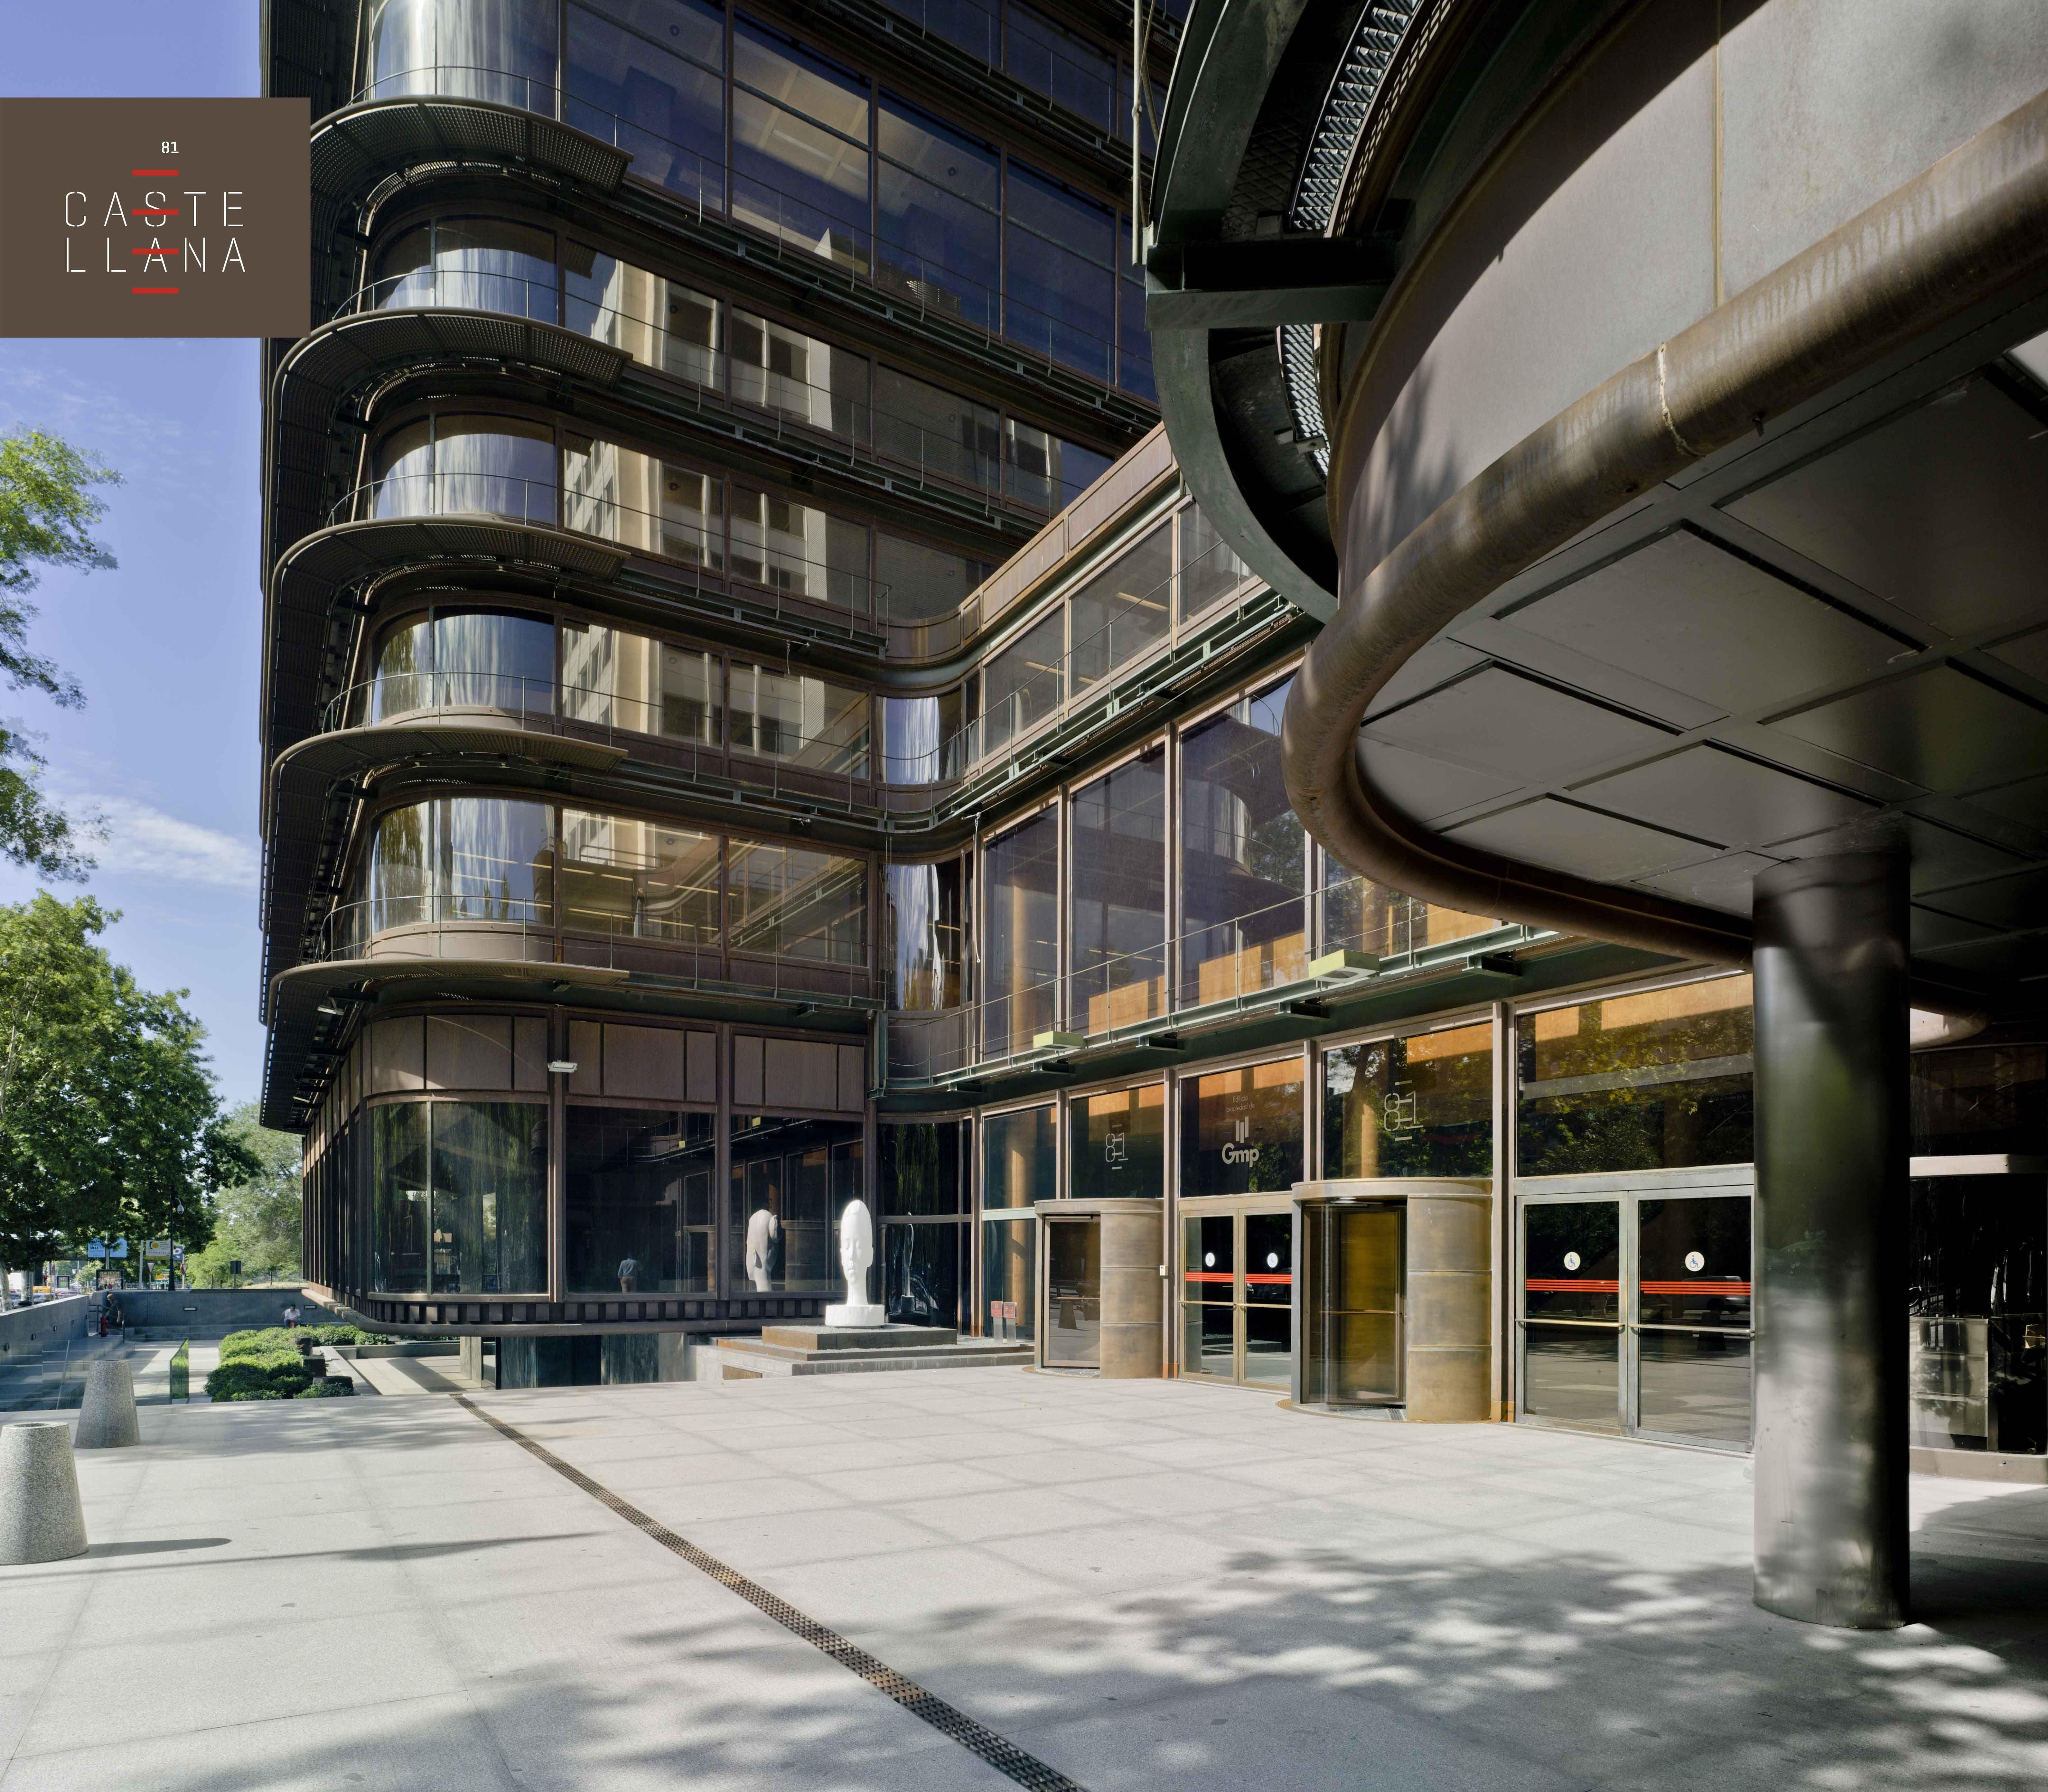 Dentro del compromiso de Castellana 81 con la accesibilidad y con una sociedad diversa, el edificio ha alcanzado la máxima calificación DIGA -5 estrellas- en la modalidad de edificio singular anterior a 2010. #edificio #accesibilidad #AZCA #madrid #arquitectura